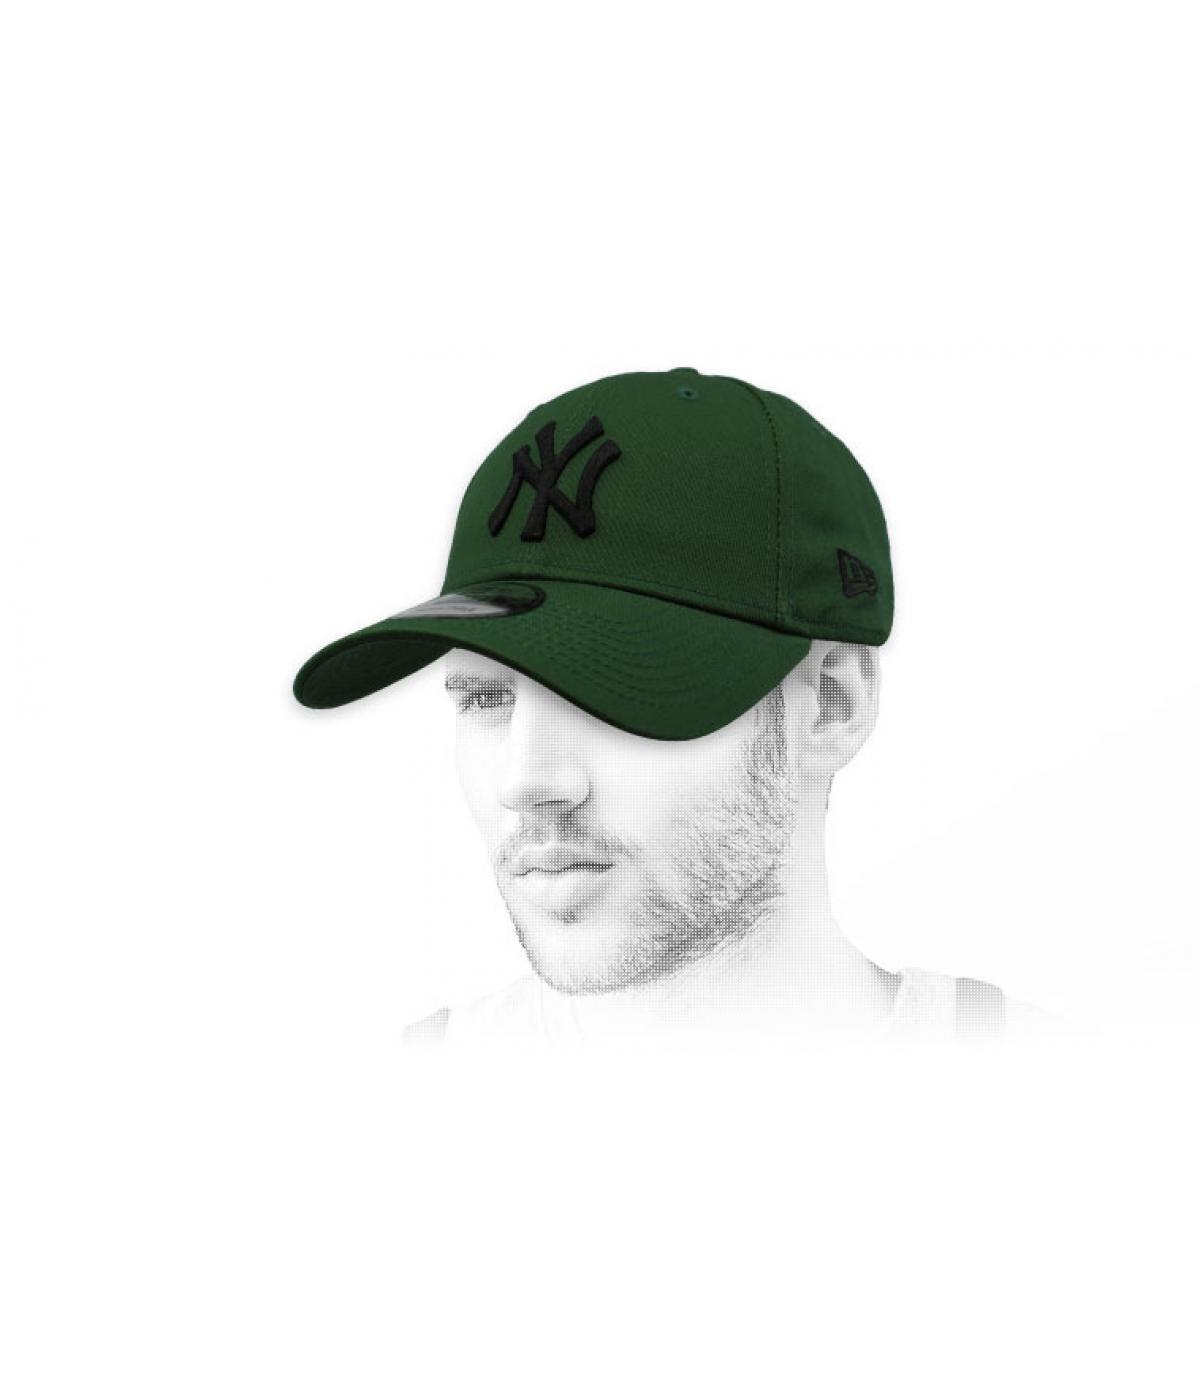 berretto NY nero verde